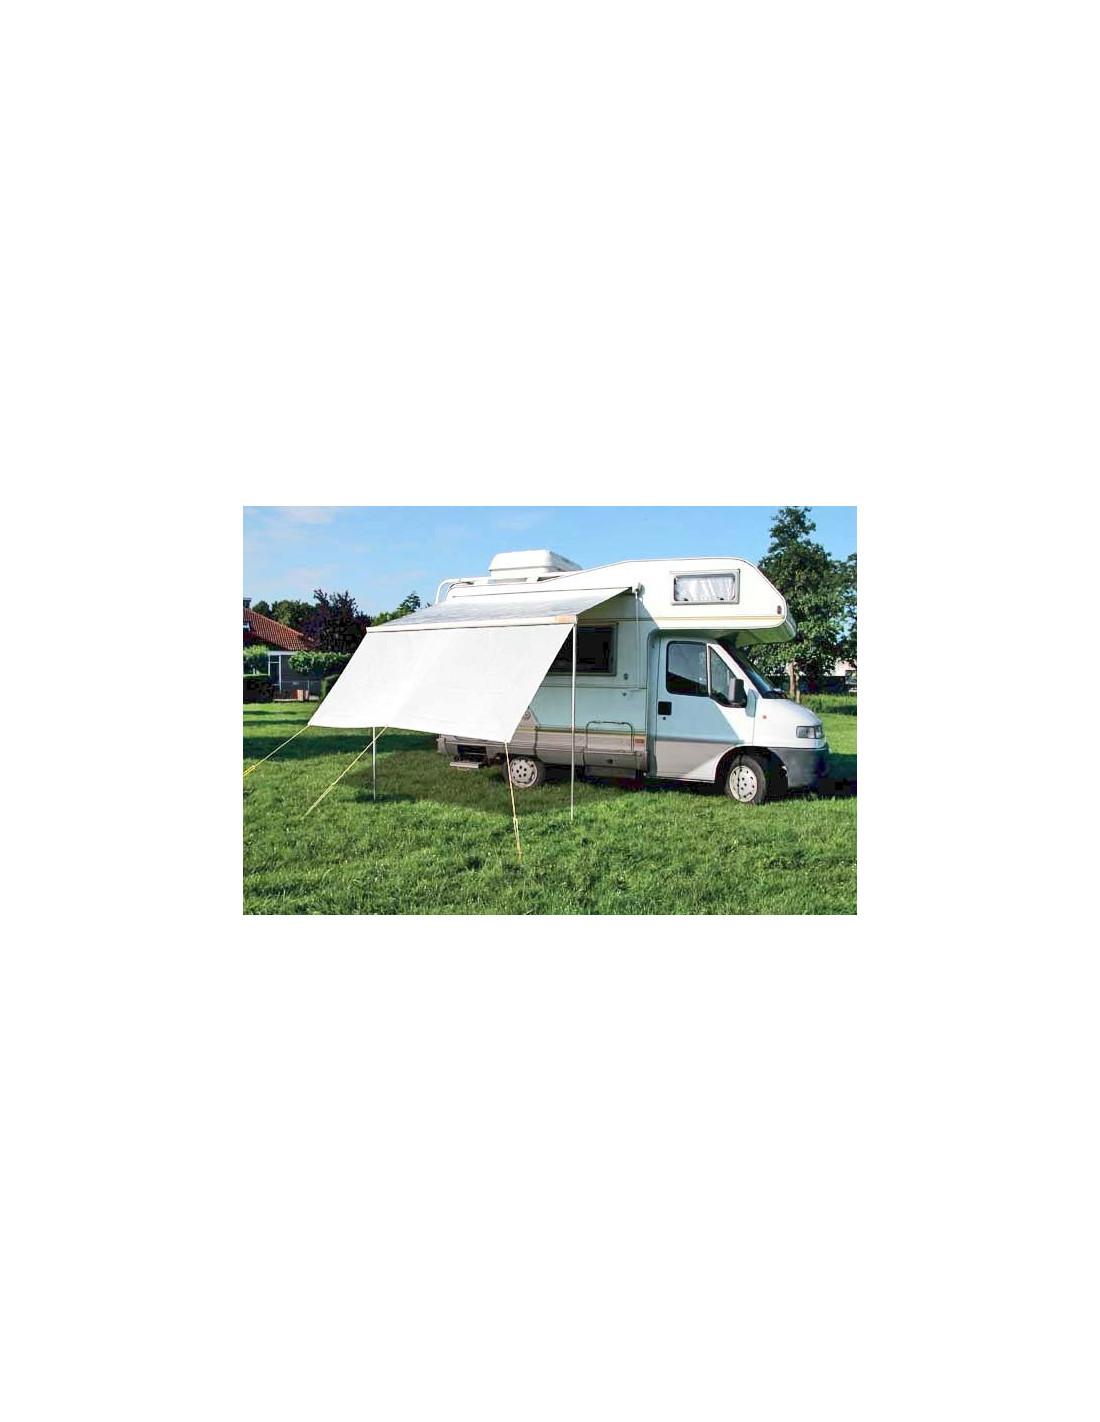 Parasol de toldo universal caravana 300x140cm tienda de for Toldos para caravanas